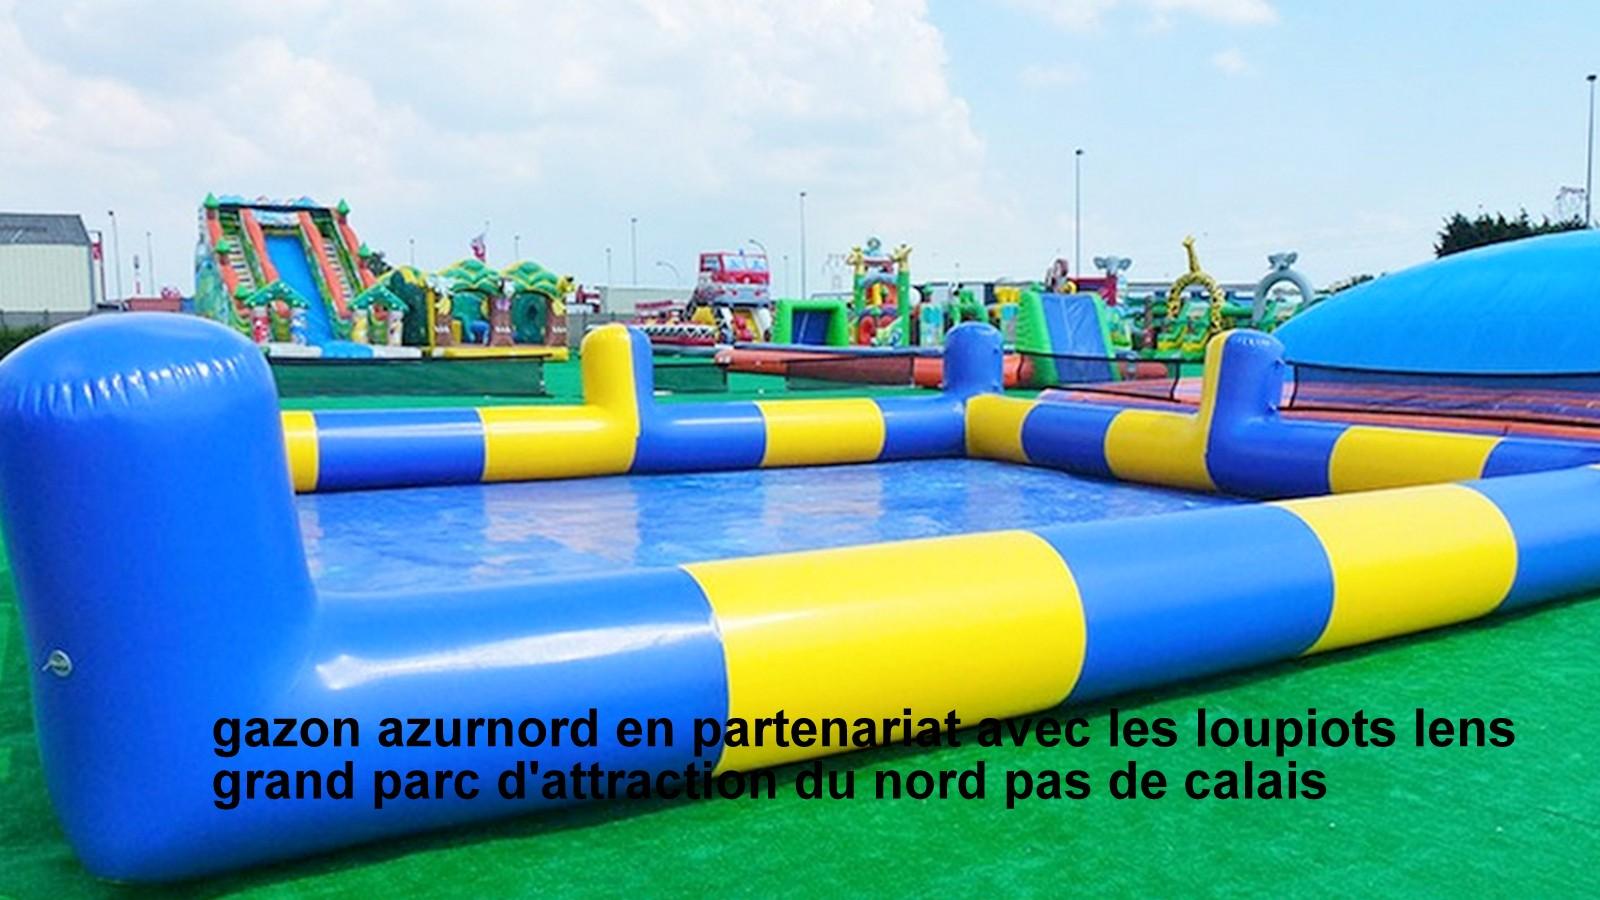 partenaire gazon azurnord - les loupiaux lens